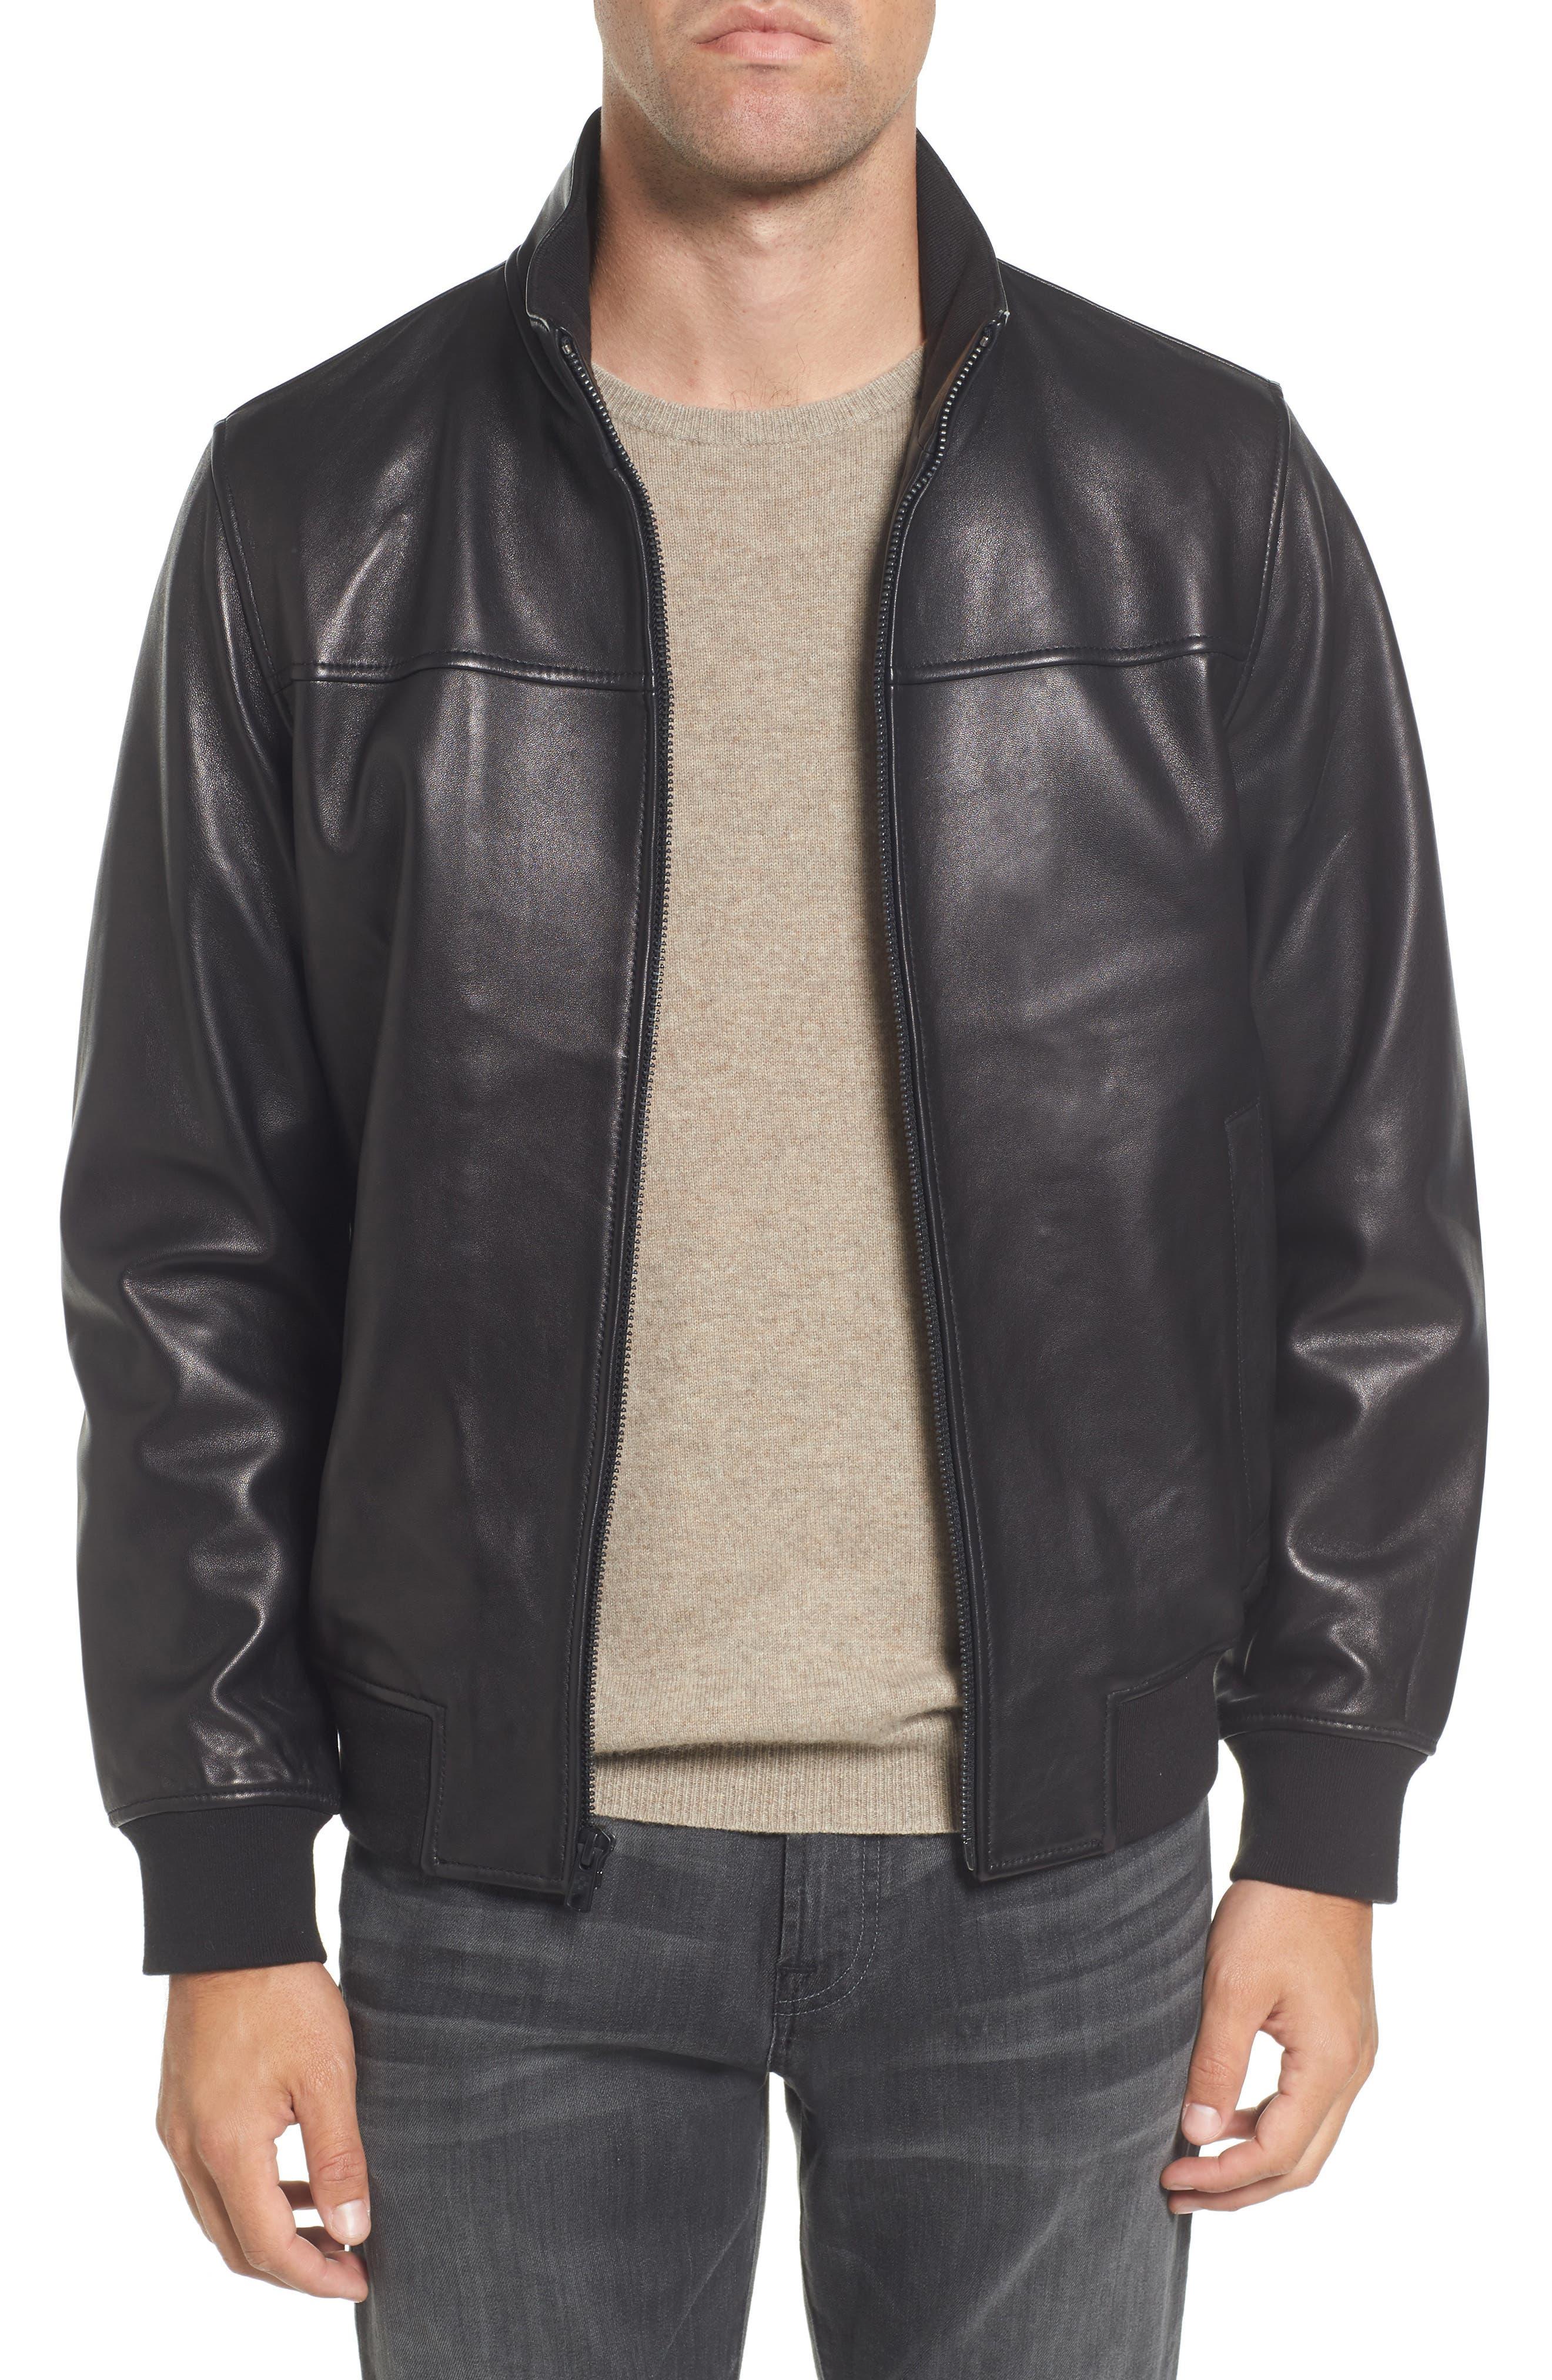 Nordstrom men's black leather jacket